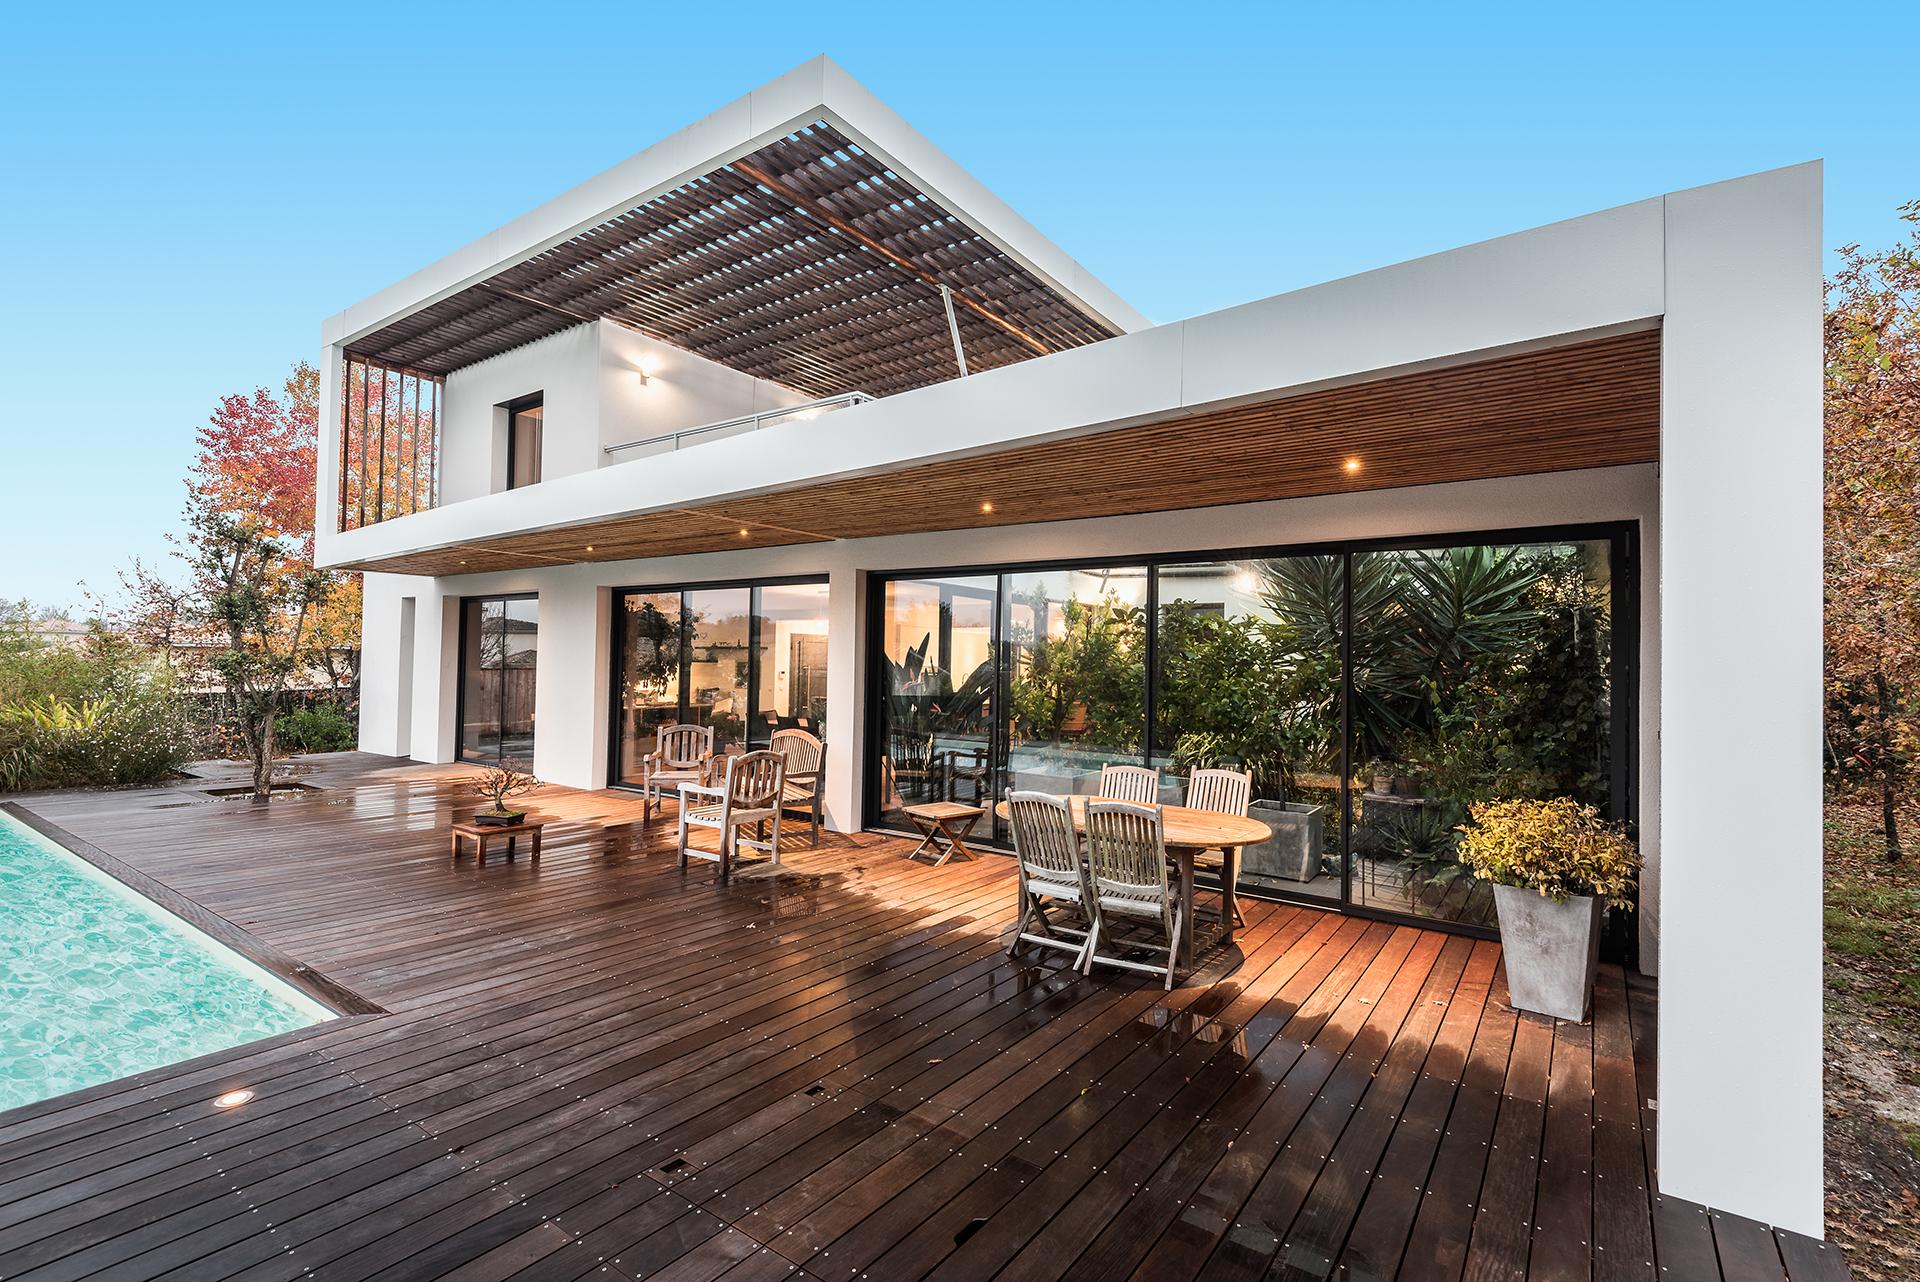 maison architecte ossature bois avec enduit. Black Bedroom Furniture Sets. Home Design Ideas